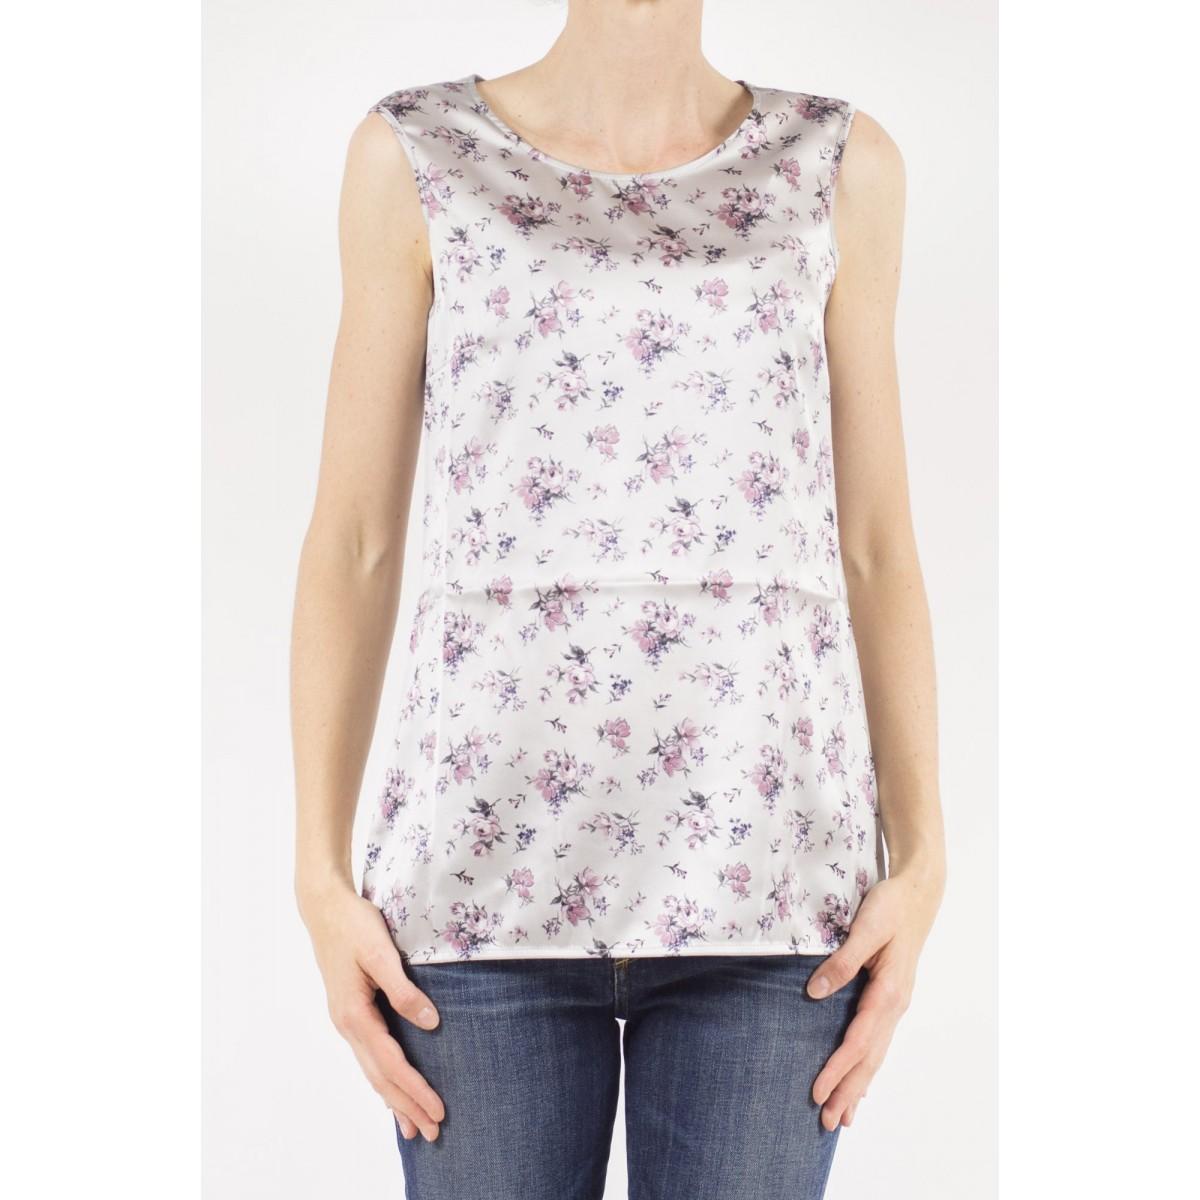 T-shirt donna Kangra - 7850/30 top seta stampa fiori 29 - grigio